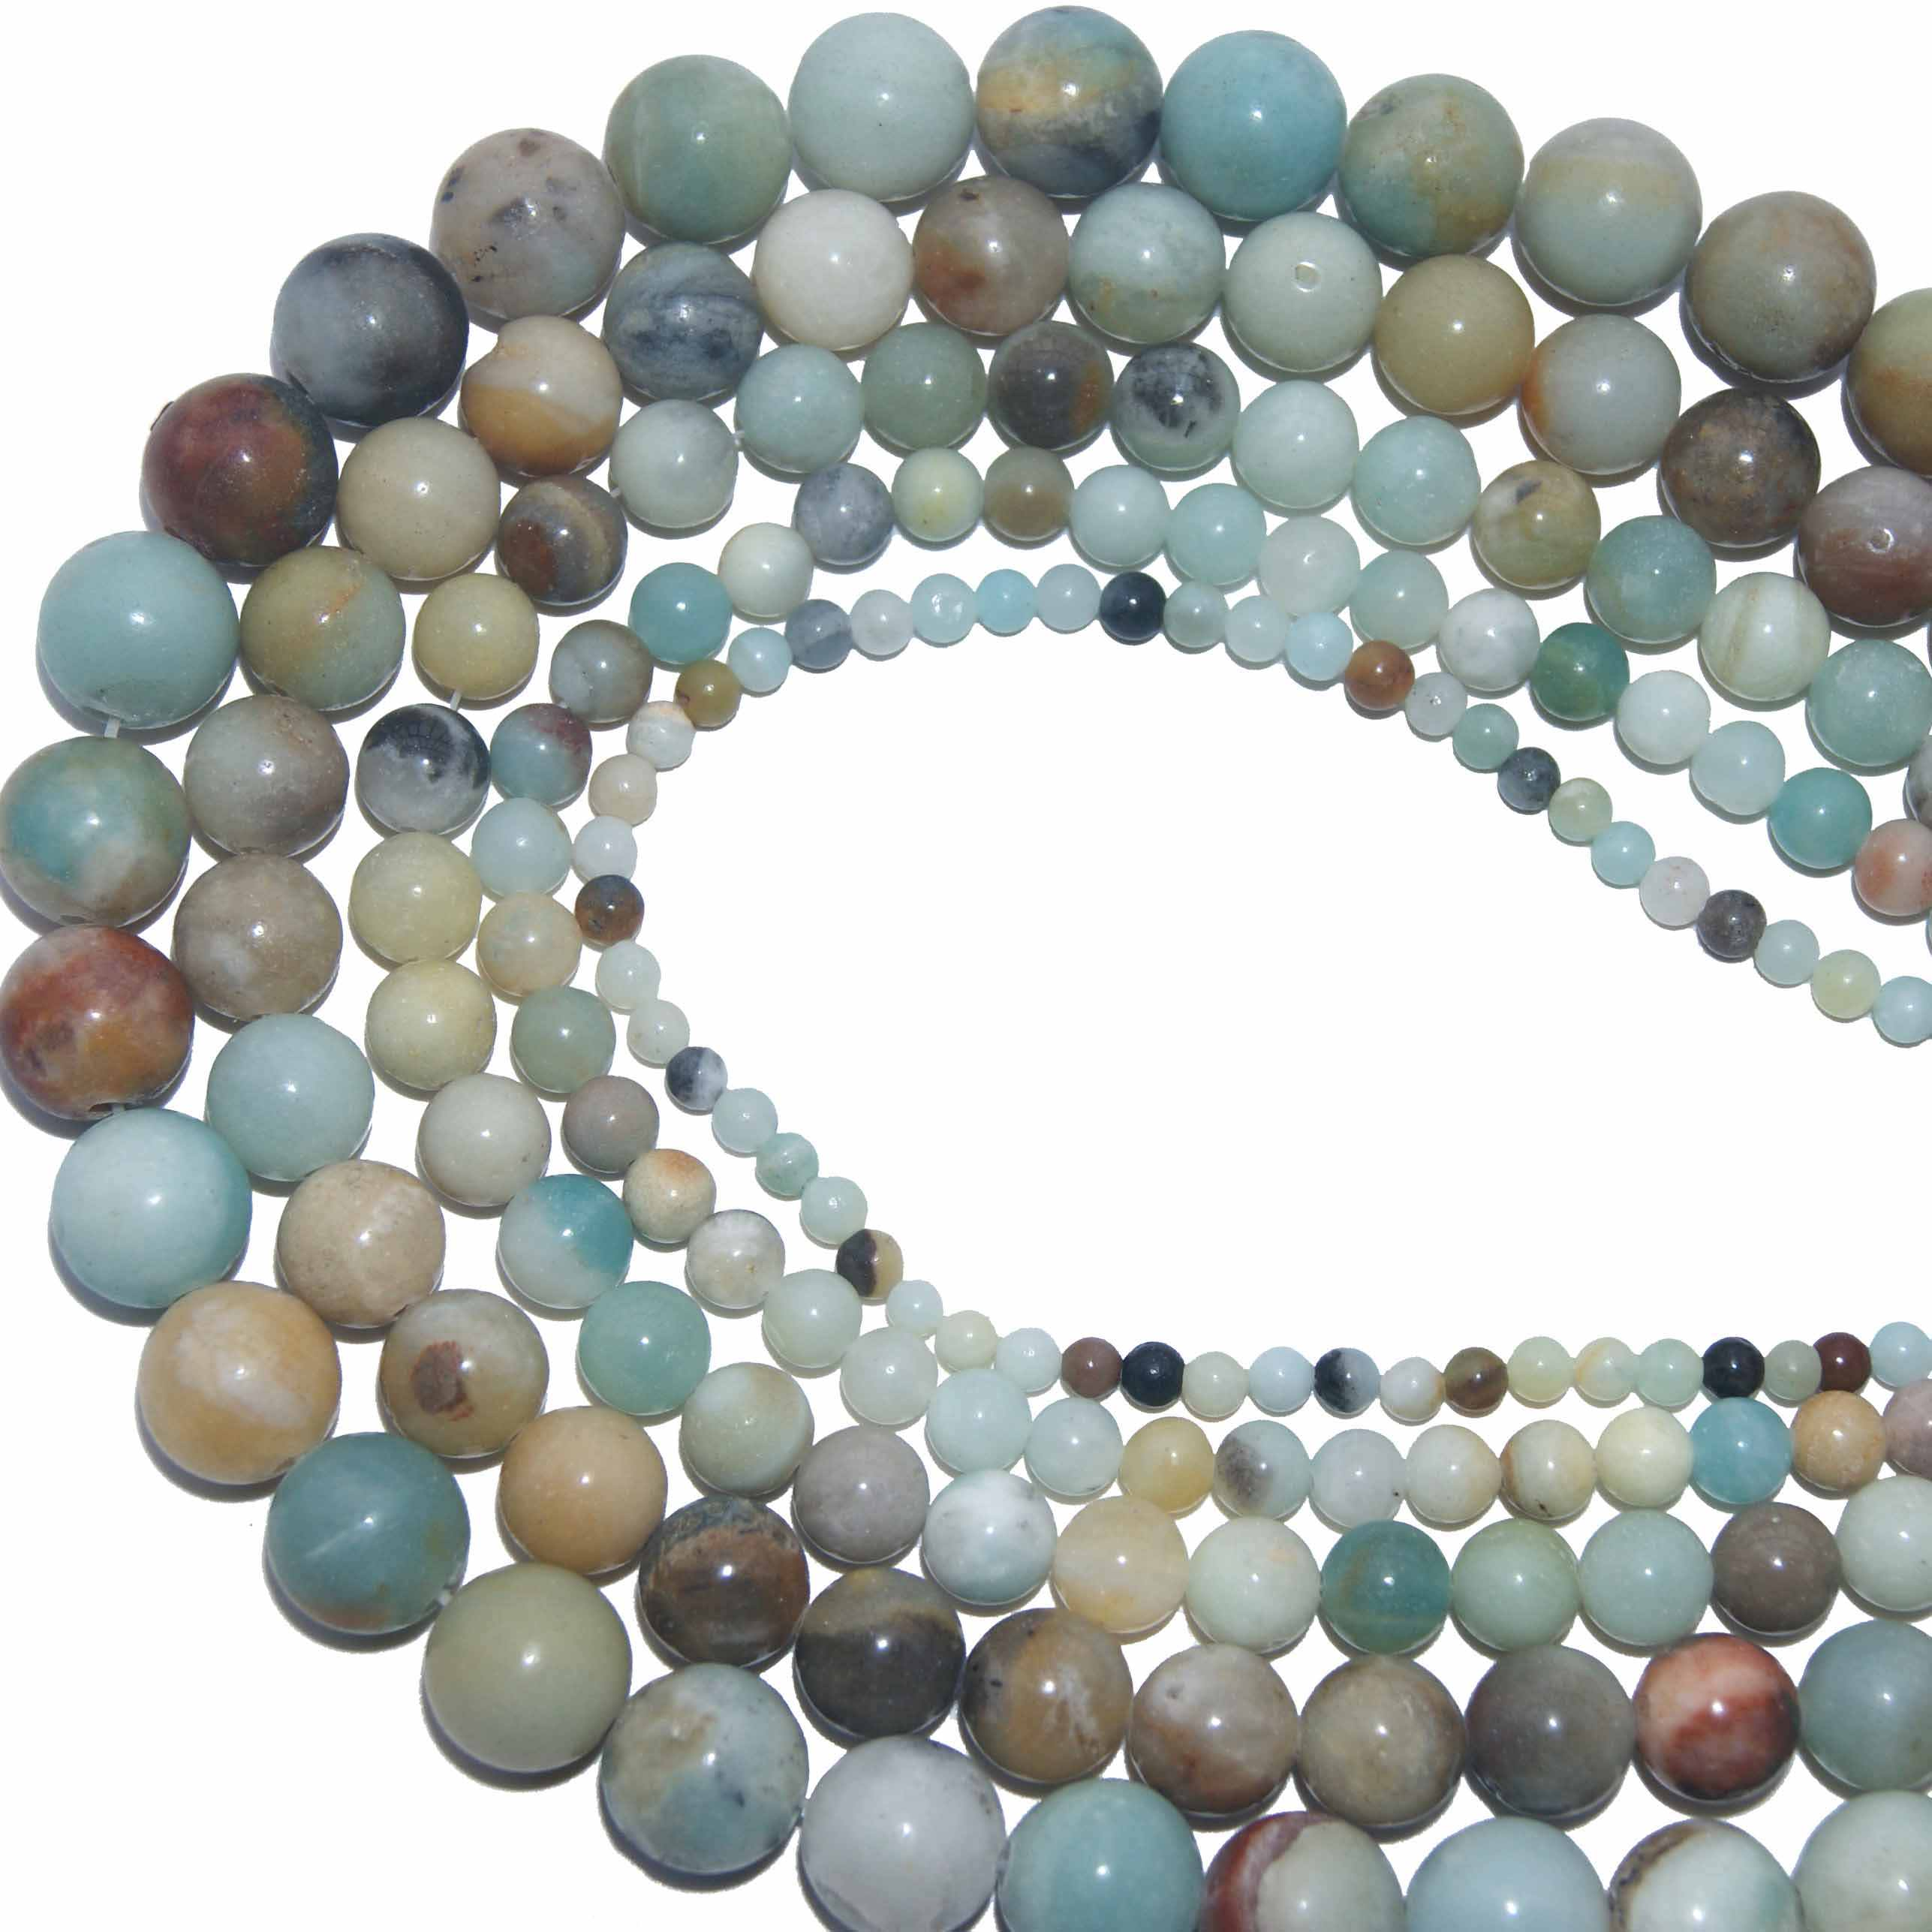 الجملة 4 6 8 10 مللي متر الخرز الحجر الطبيعي الحمم عين النمر Agates اللازورد فضفاض ستون الخرز للمجوهرات قلادة سوار ذاتي الصنع